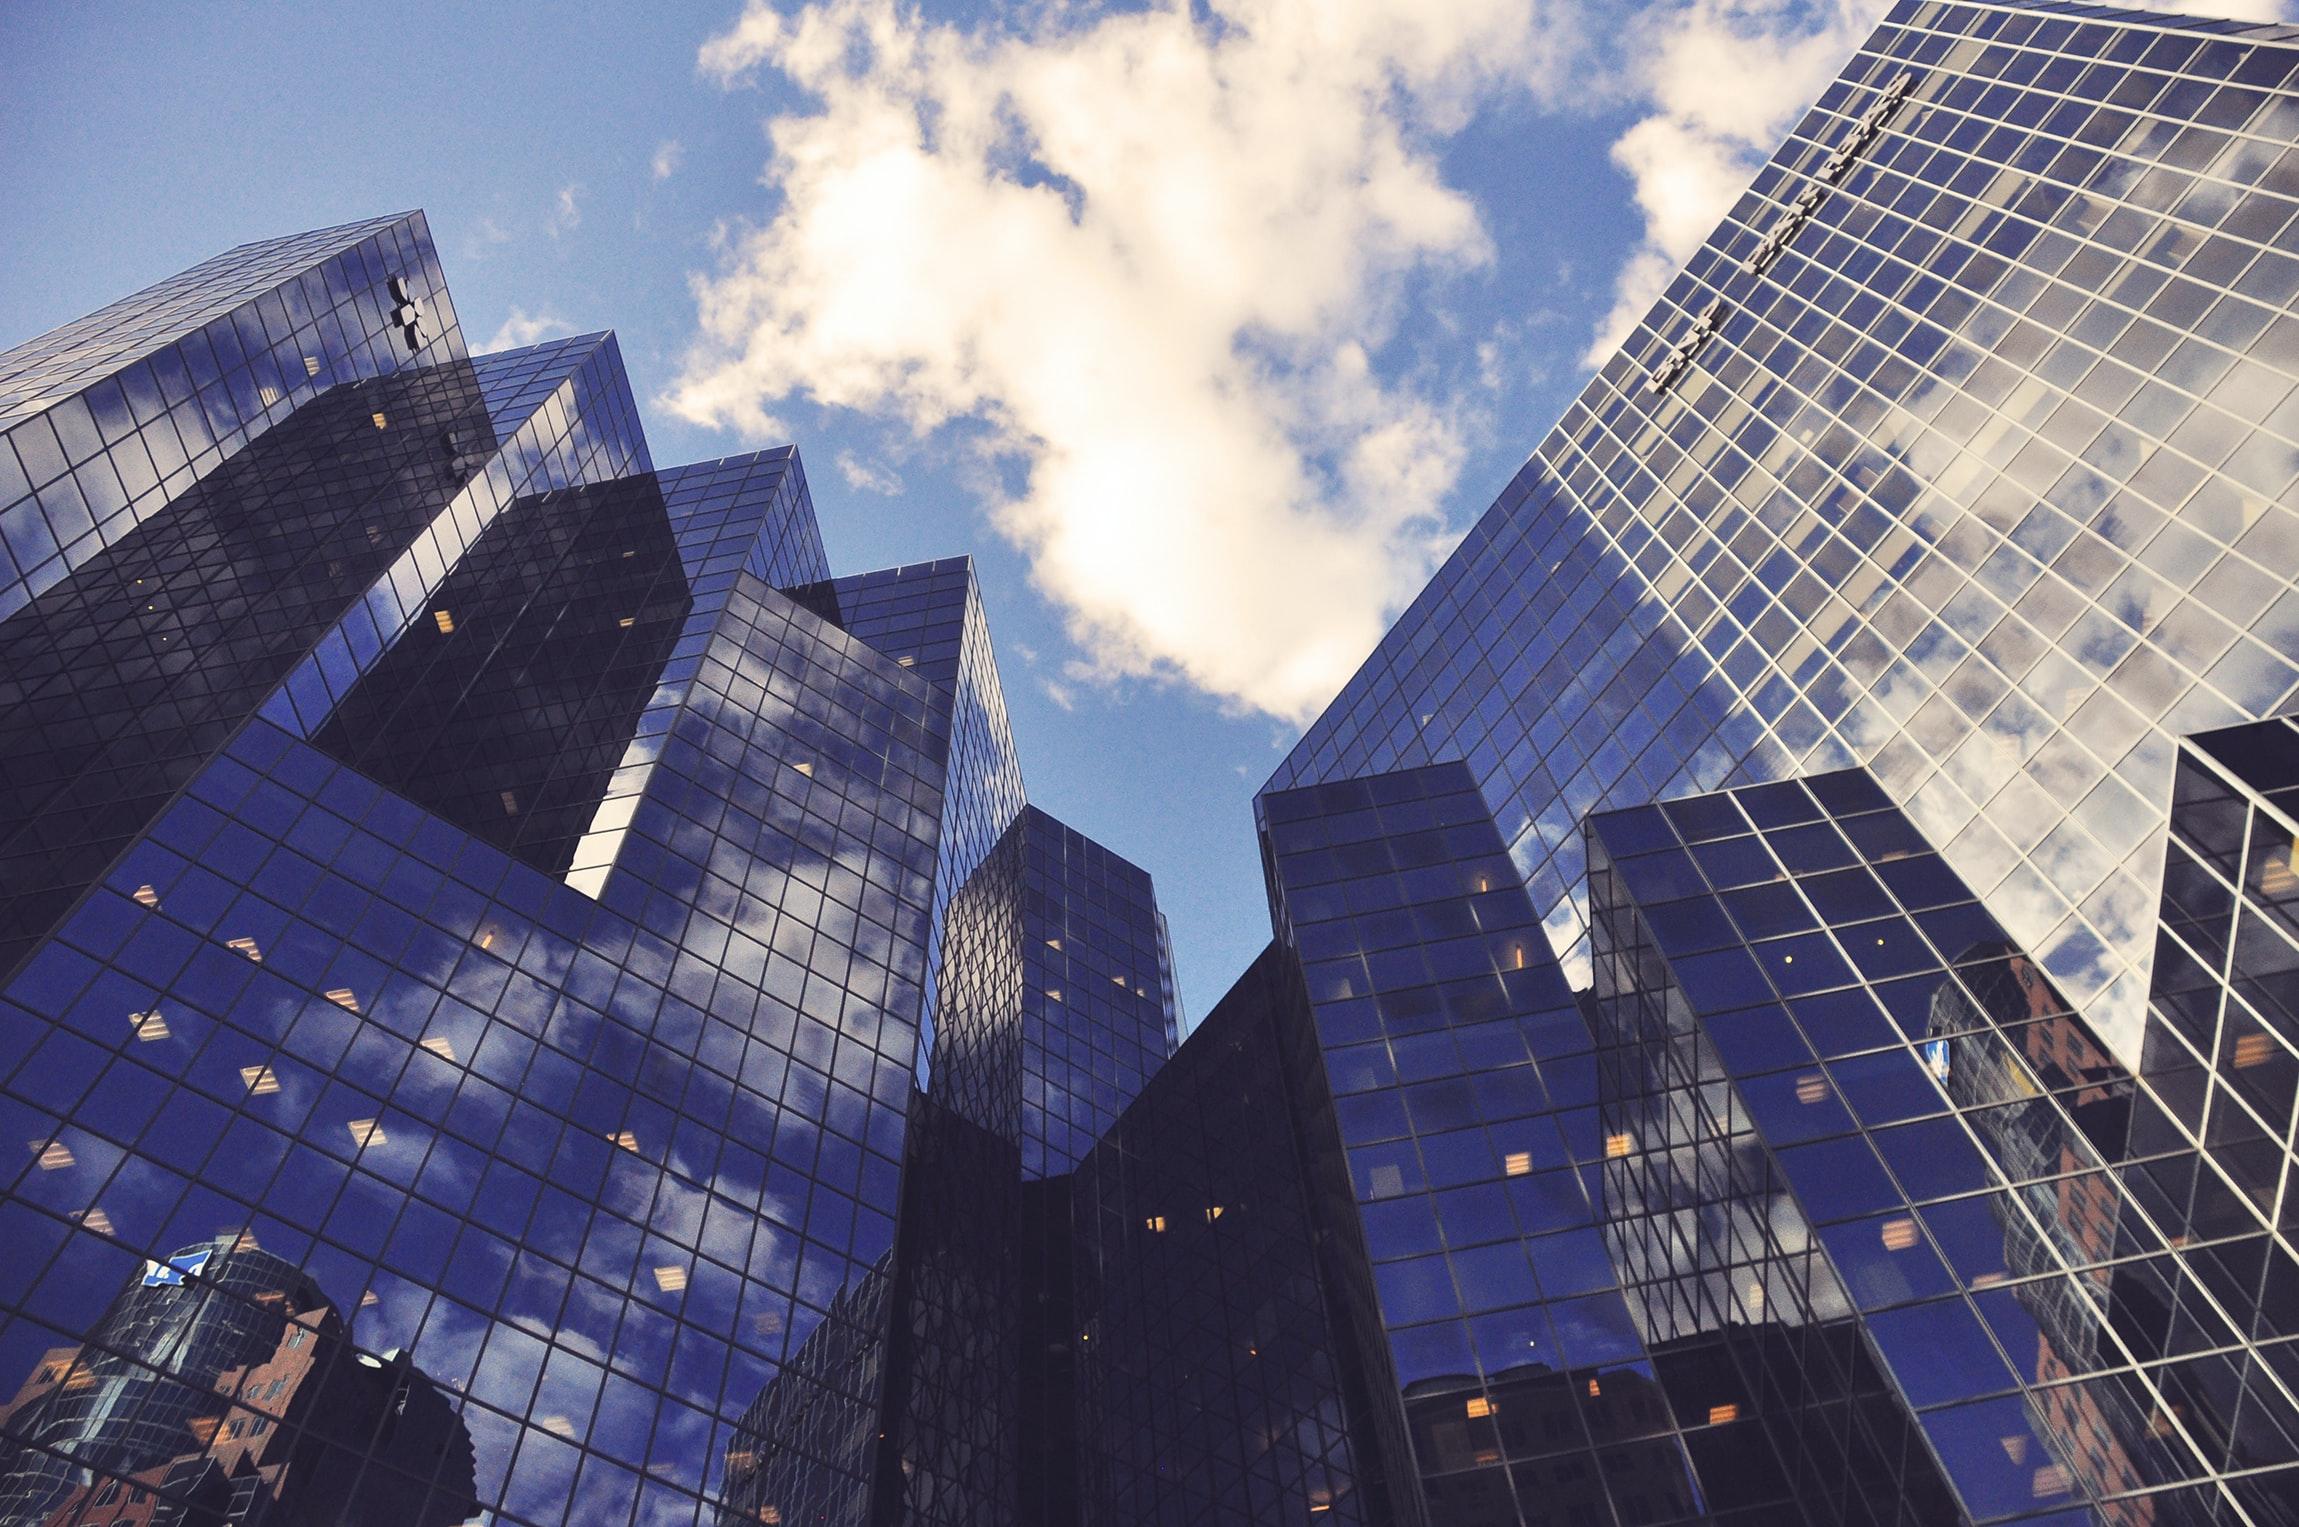 設立できる会社の種類は4つ!それぞれの特徴とおすすめの形態を解説